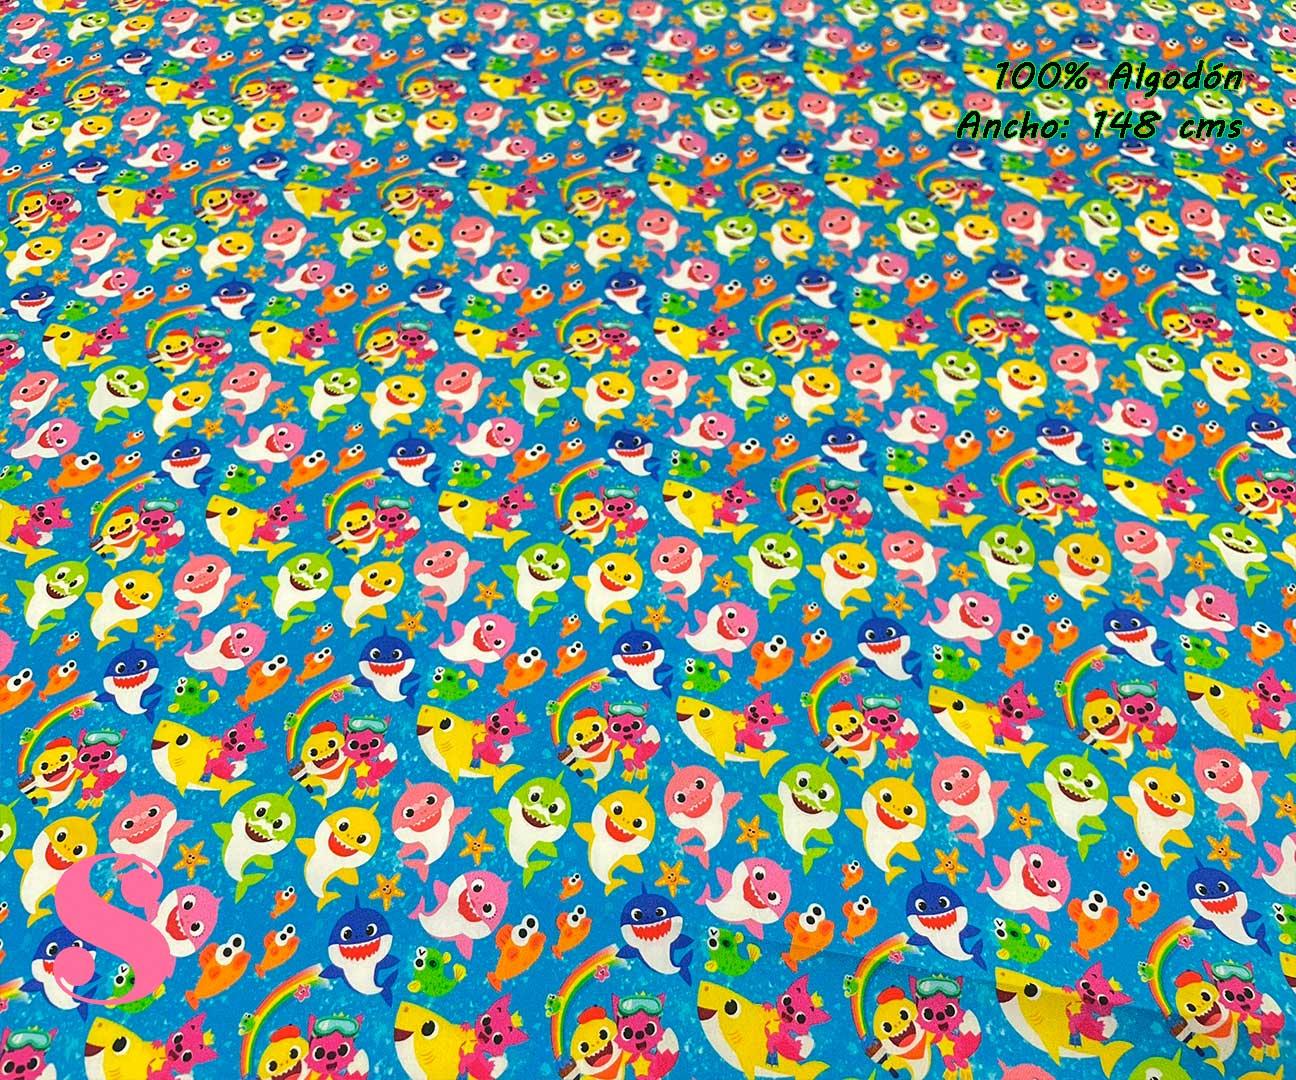 8-telas-estampadas-de-algodón,-telas-frikis,estampados-frikis-de-algodón,-estampados-origonales-de-algodón,Tejido Estampado Baby Shark